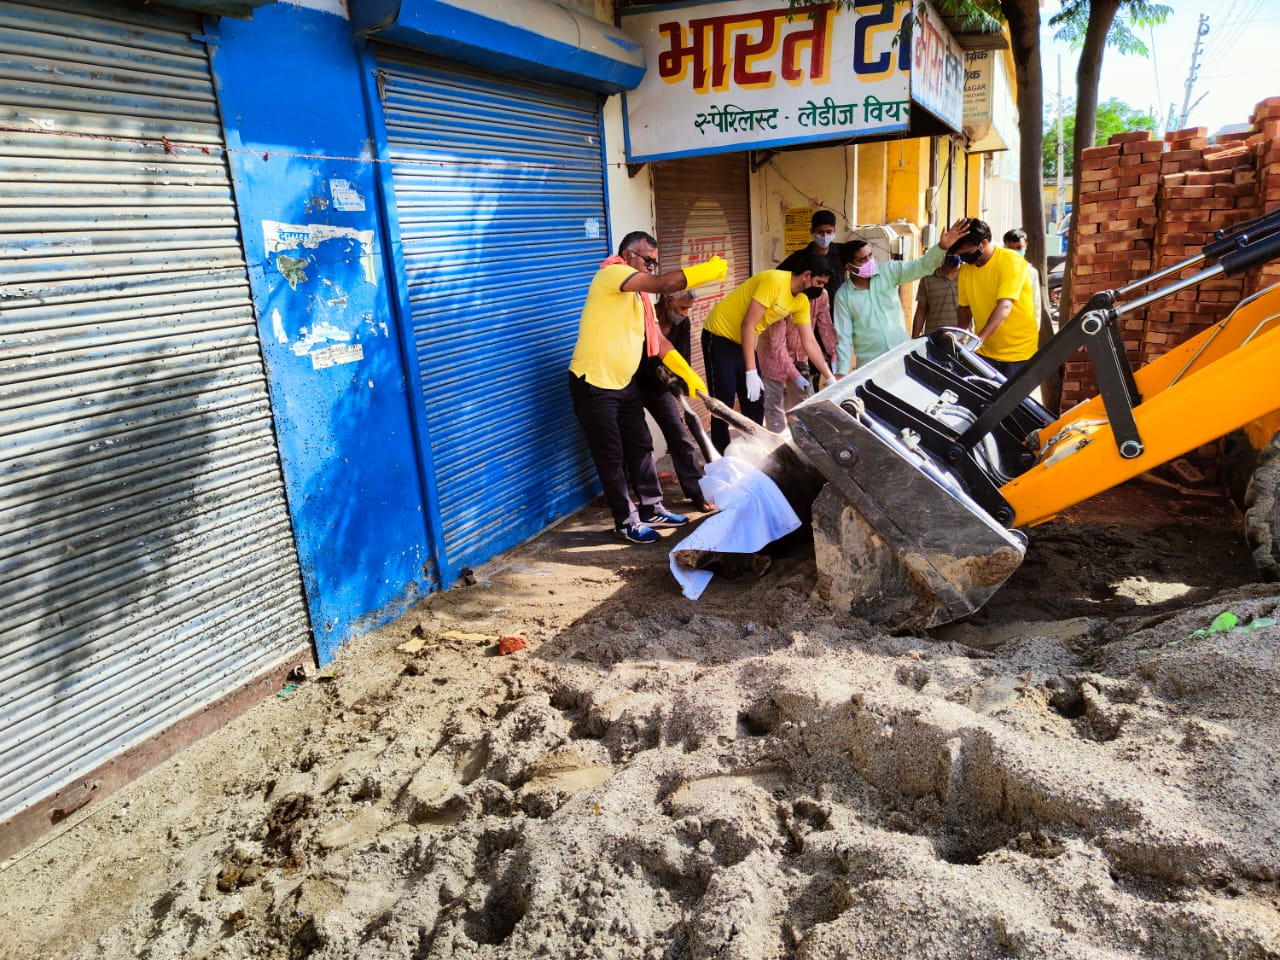 दा पावर ऑफ ह्यूमन राइट्स फाउंडेशन हरिद्वार की टीम द्वारा मृत गाय को हिंदू रीति रिवाज अनुसार मिट्टी दी गई